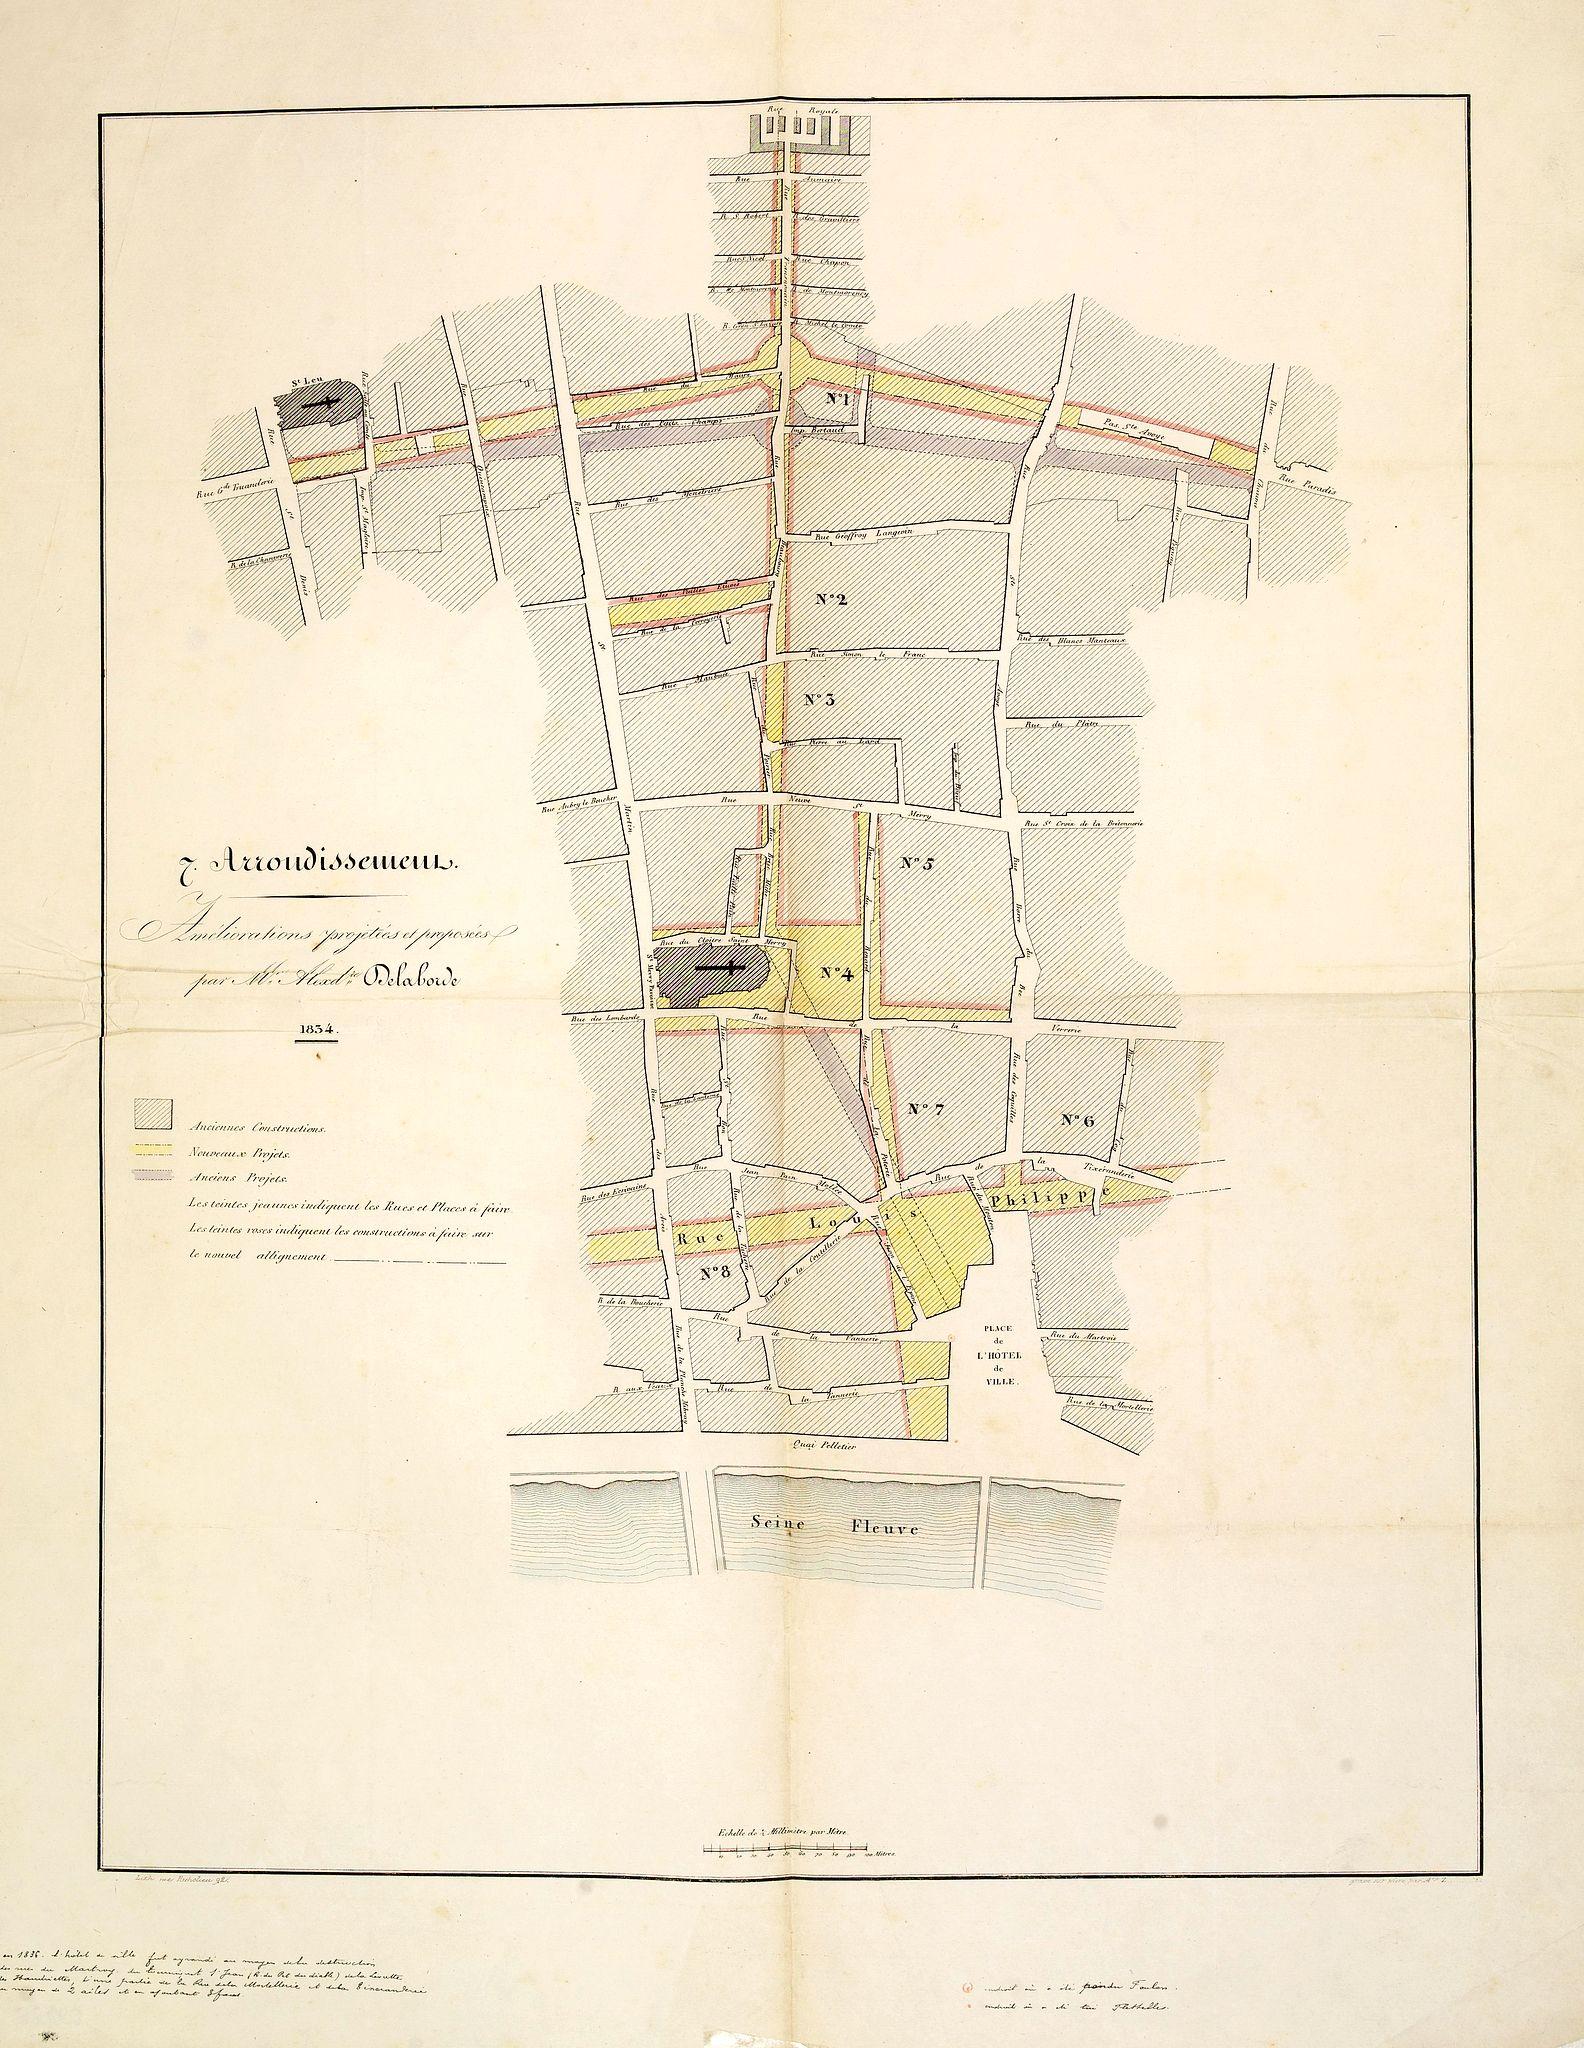 LABORDE, Alexandre-Louis-Joseph de. -   7. Arrondissement. Améliorations projetées et proposées par M. Alexd.re Delaborde.